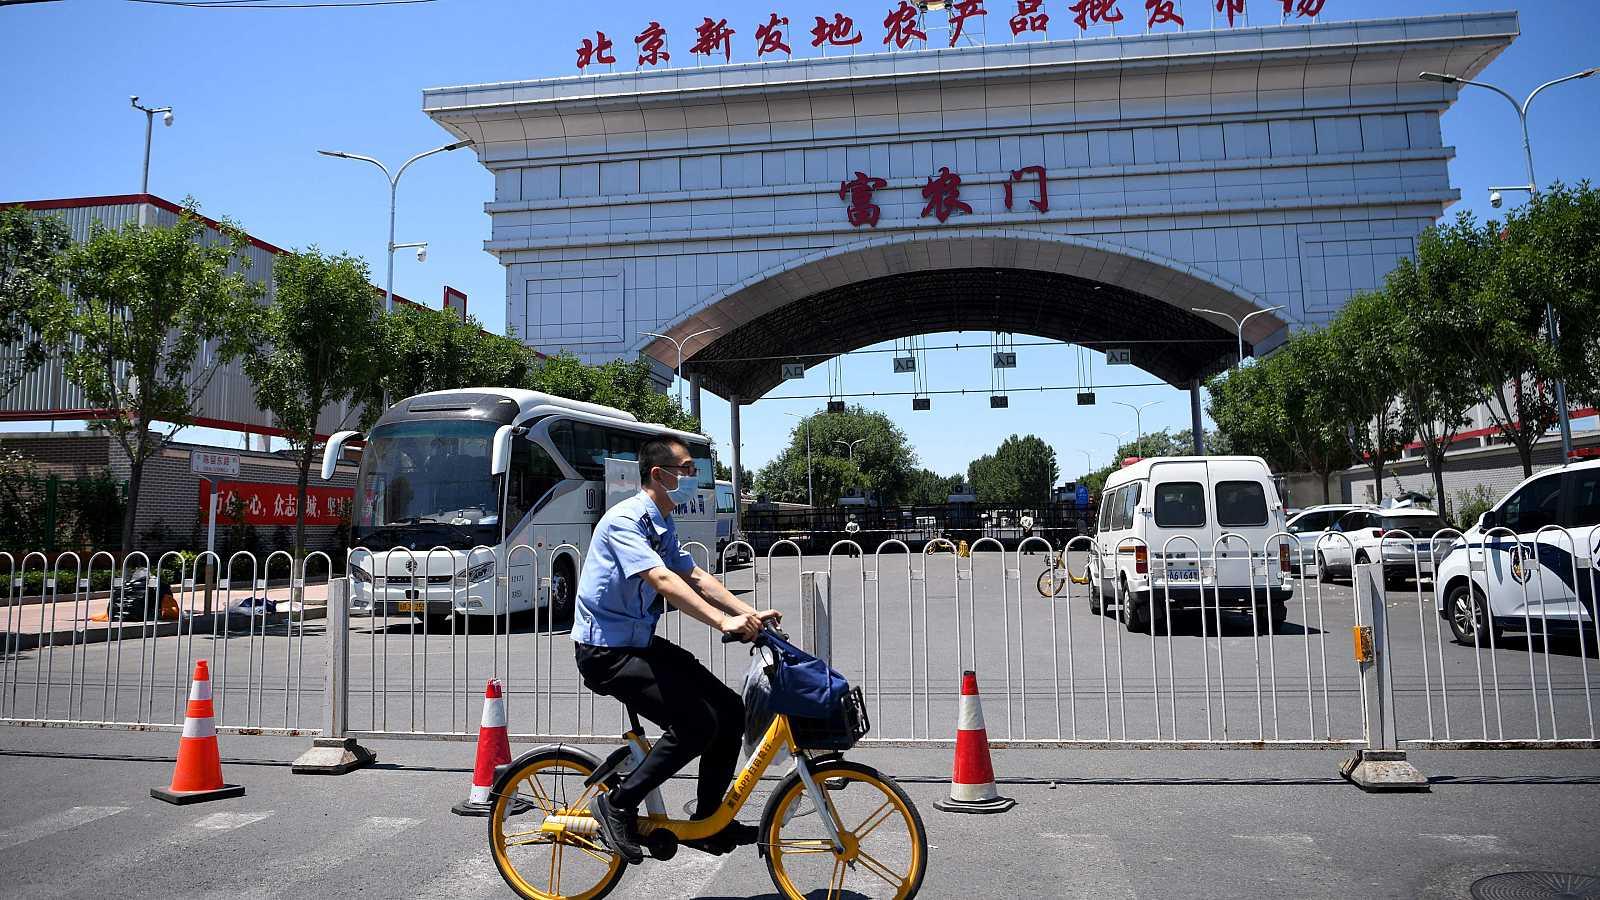 En Pekín, se ha detectado hoy 36 nuevos contagios de coronavirus. La capital china está sufiendo el mayor repunte diario desde que se publican los datos. Los casos están concentrados en un mercado de la capital china, que el sábado tuvo que cerrar.